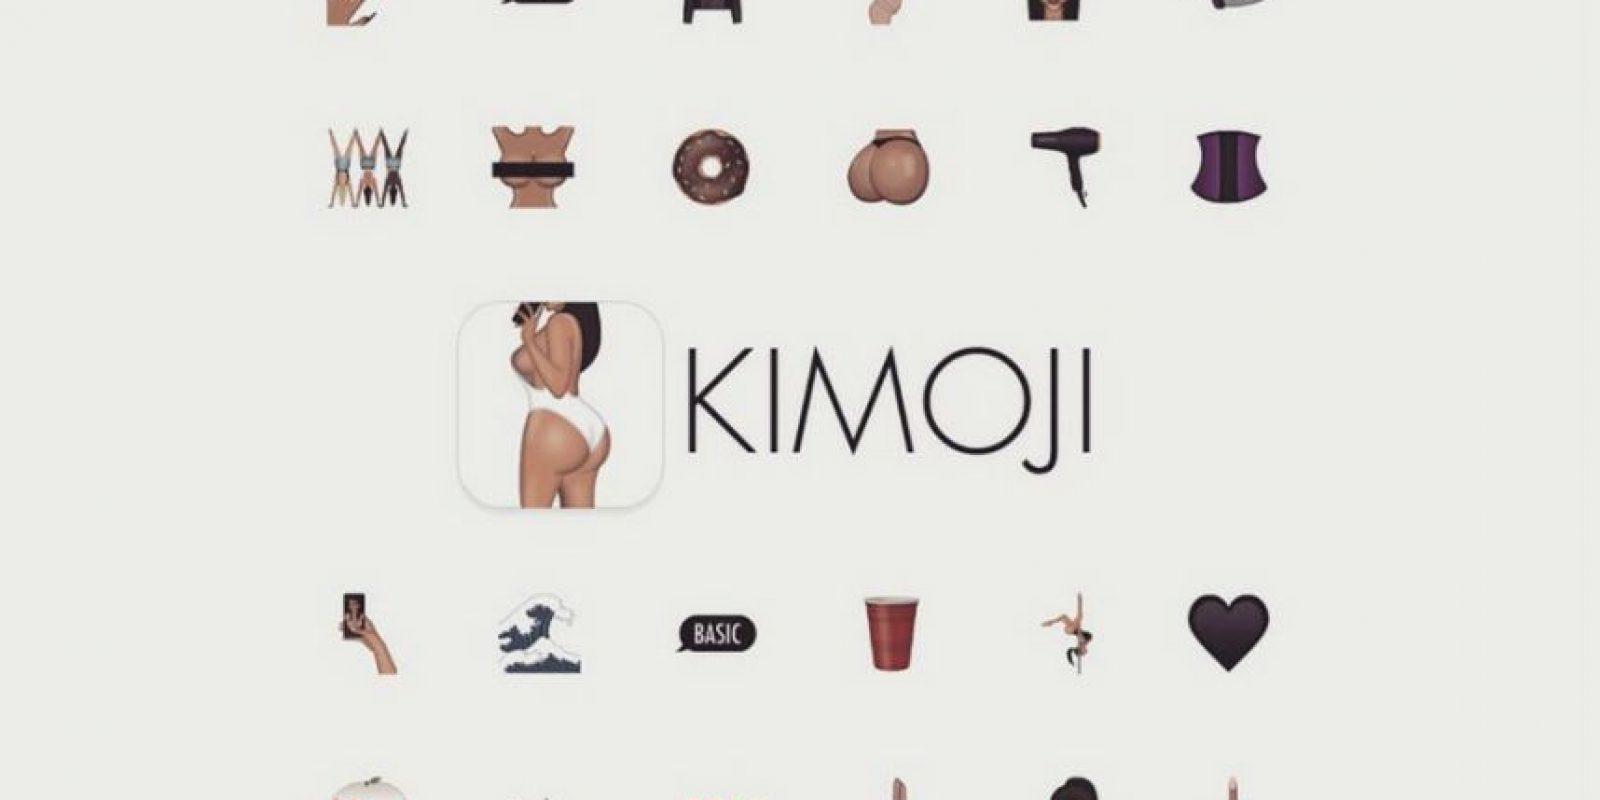 """""""Kimoji"""" está disponible en la App Store por 1.99 dólares. Foto:App Store"""